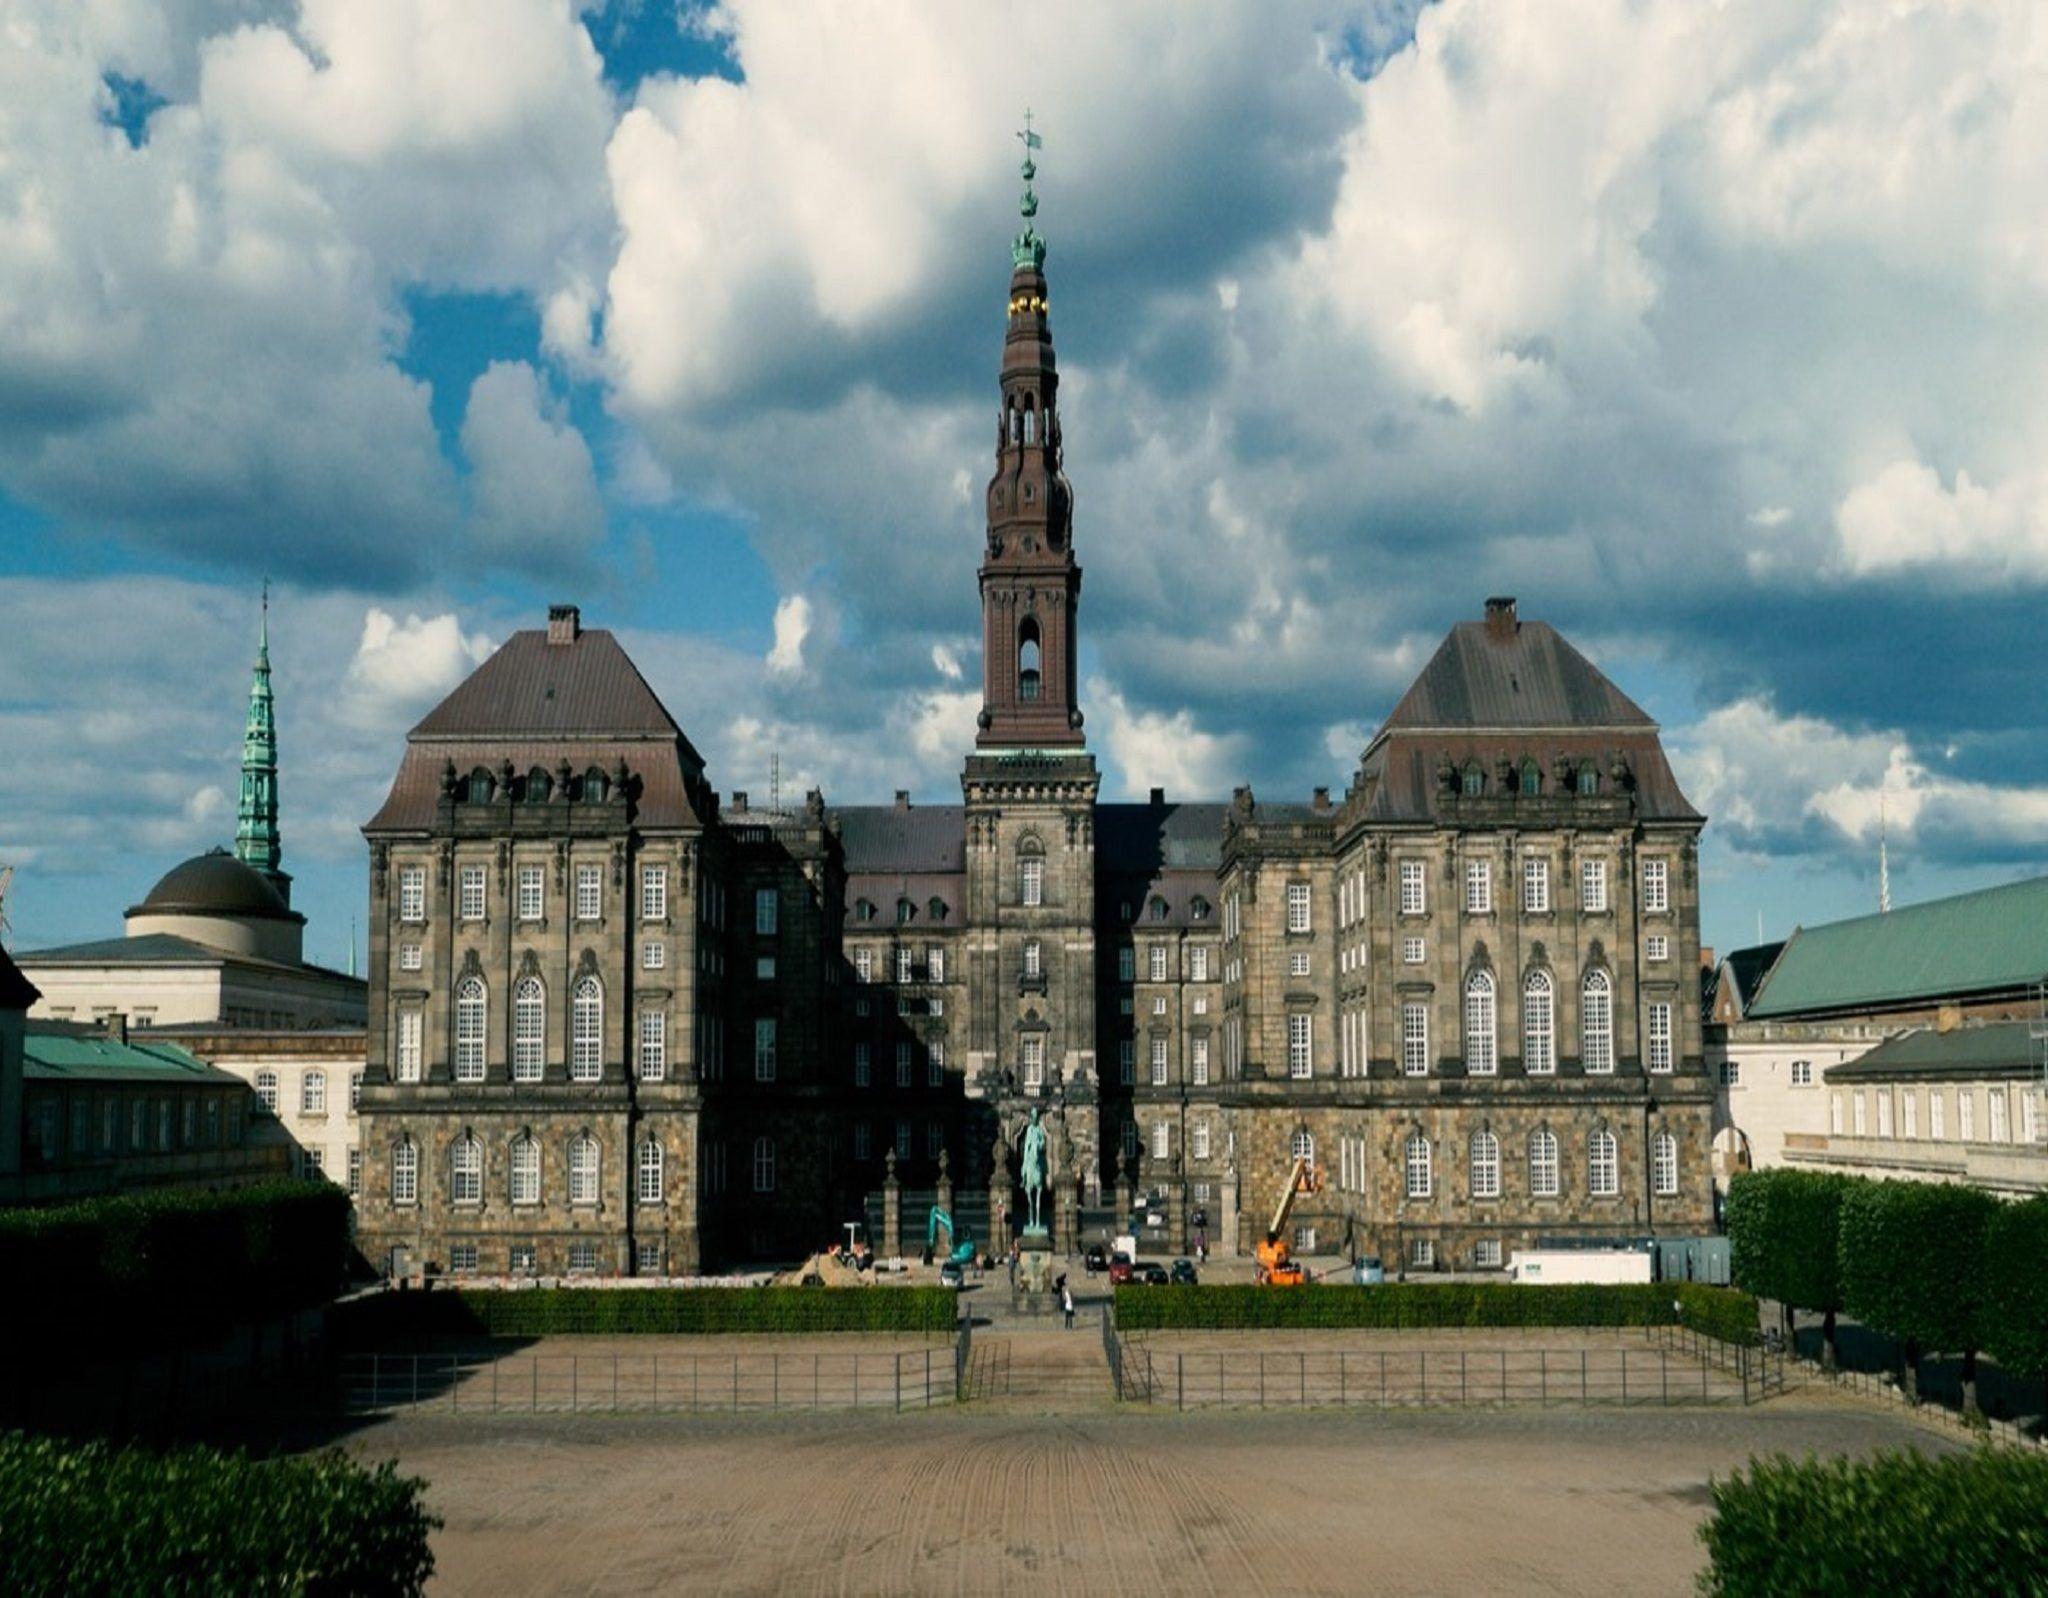 Danimarka hükümeti yeni web sitesini faaliyete geçirdi